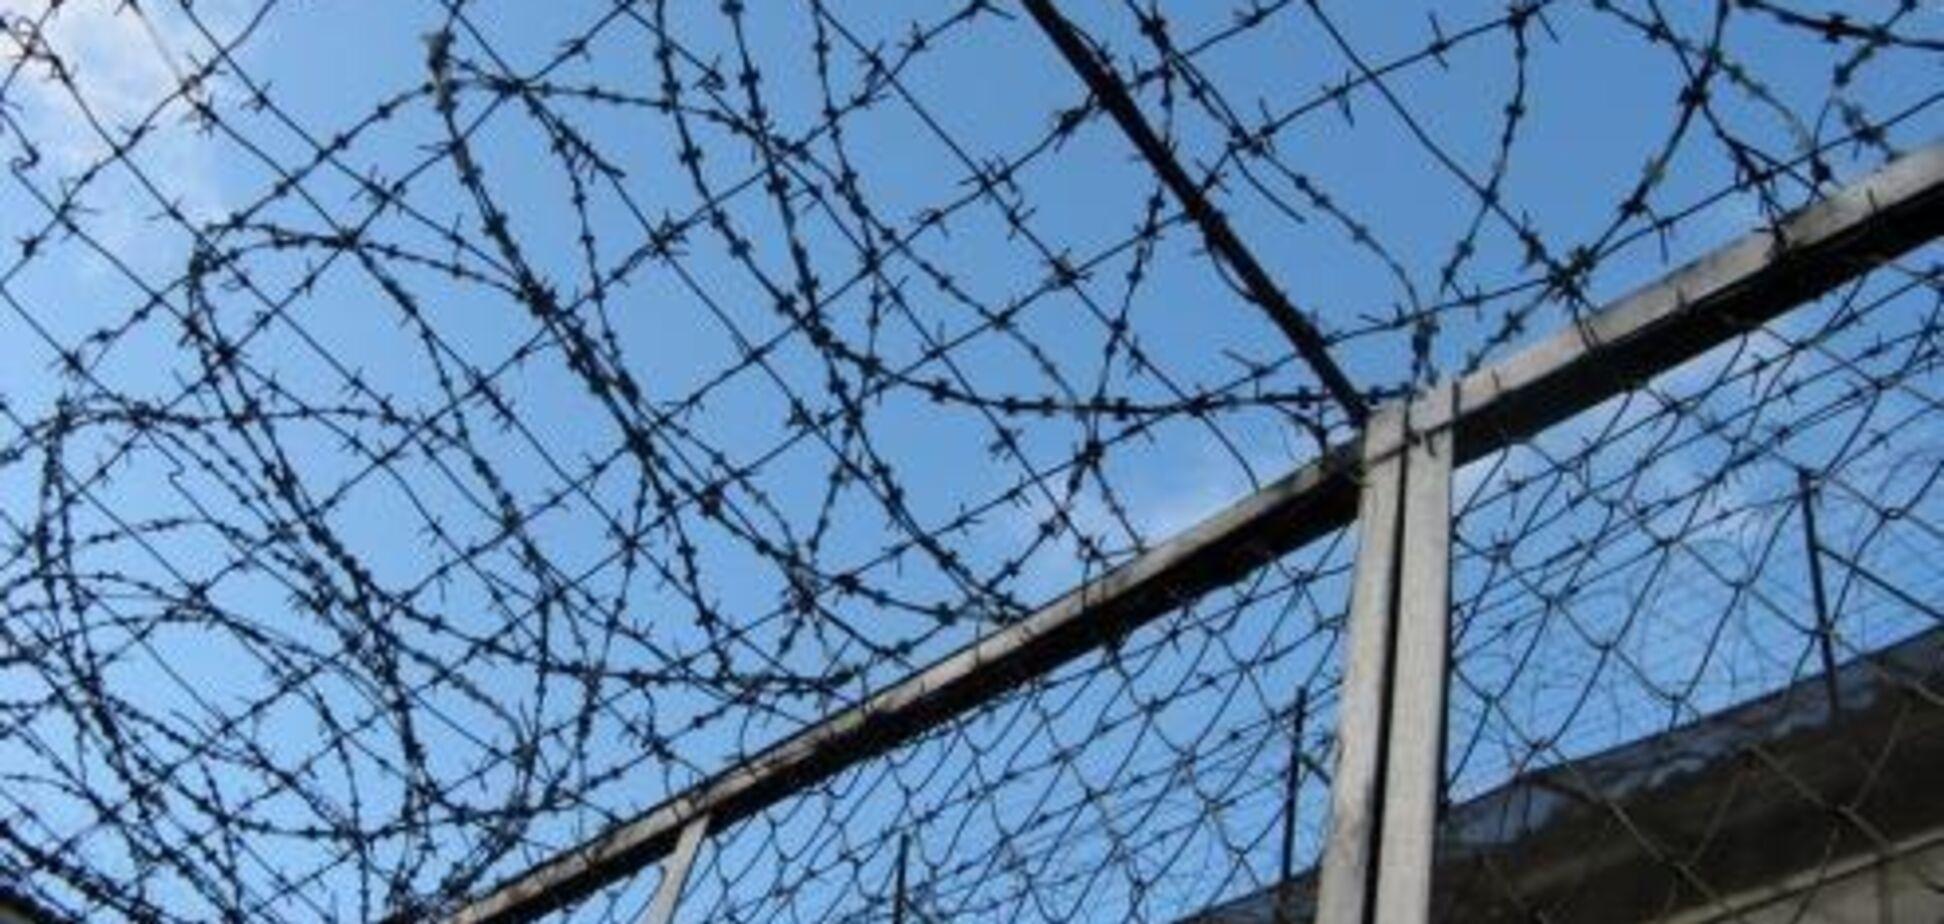 Что такое свобода под небом в клеточку